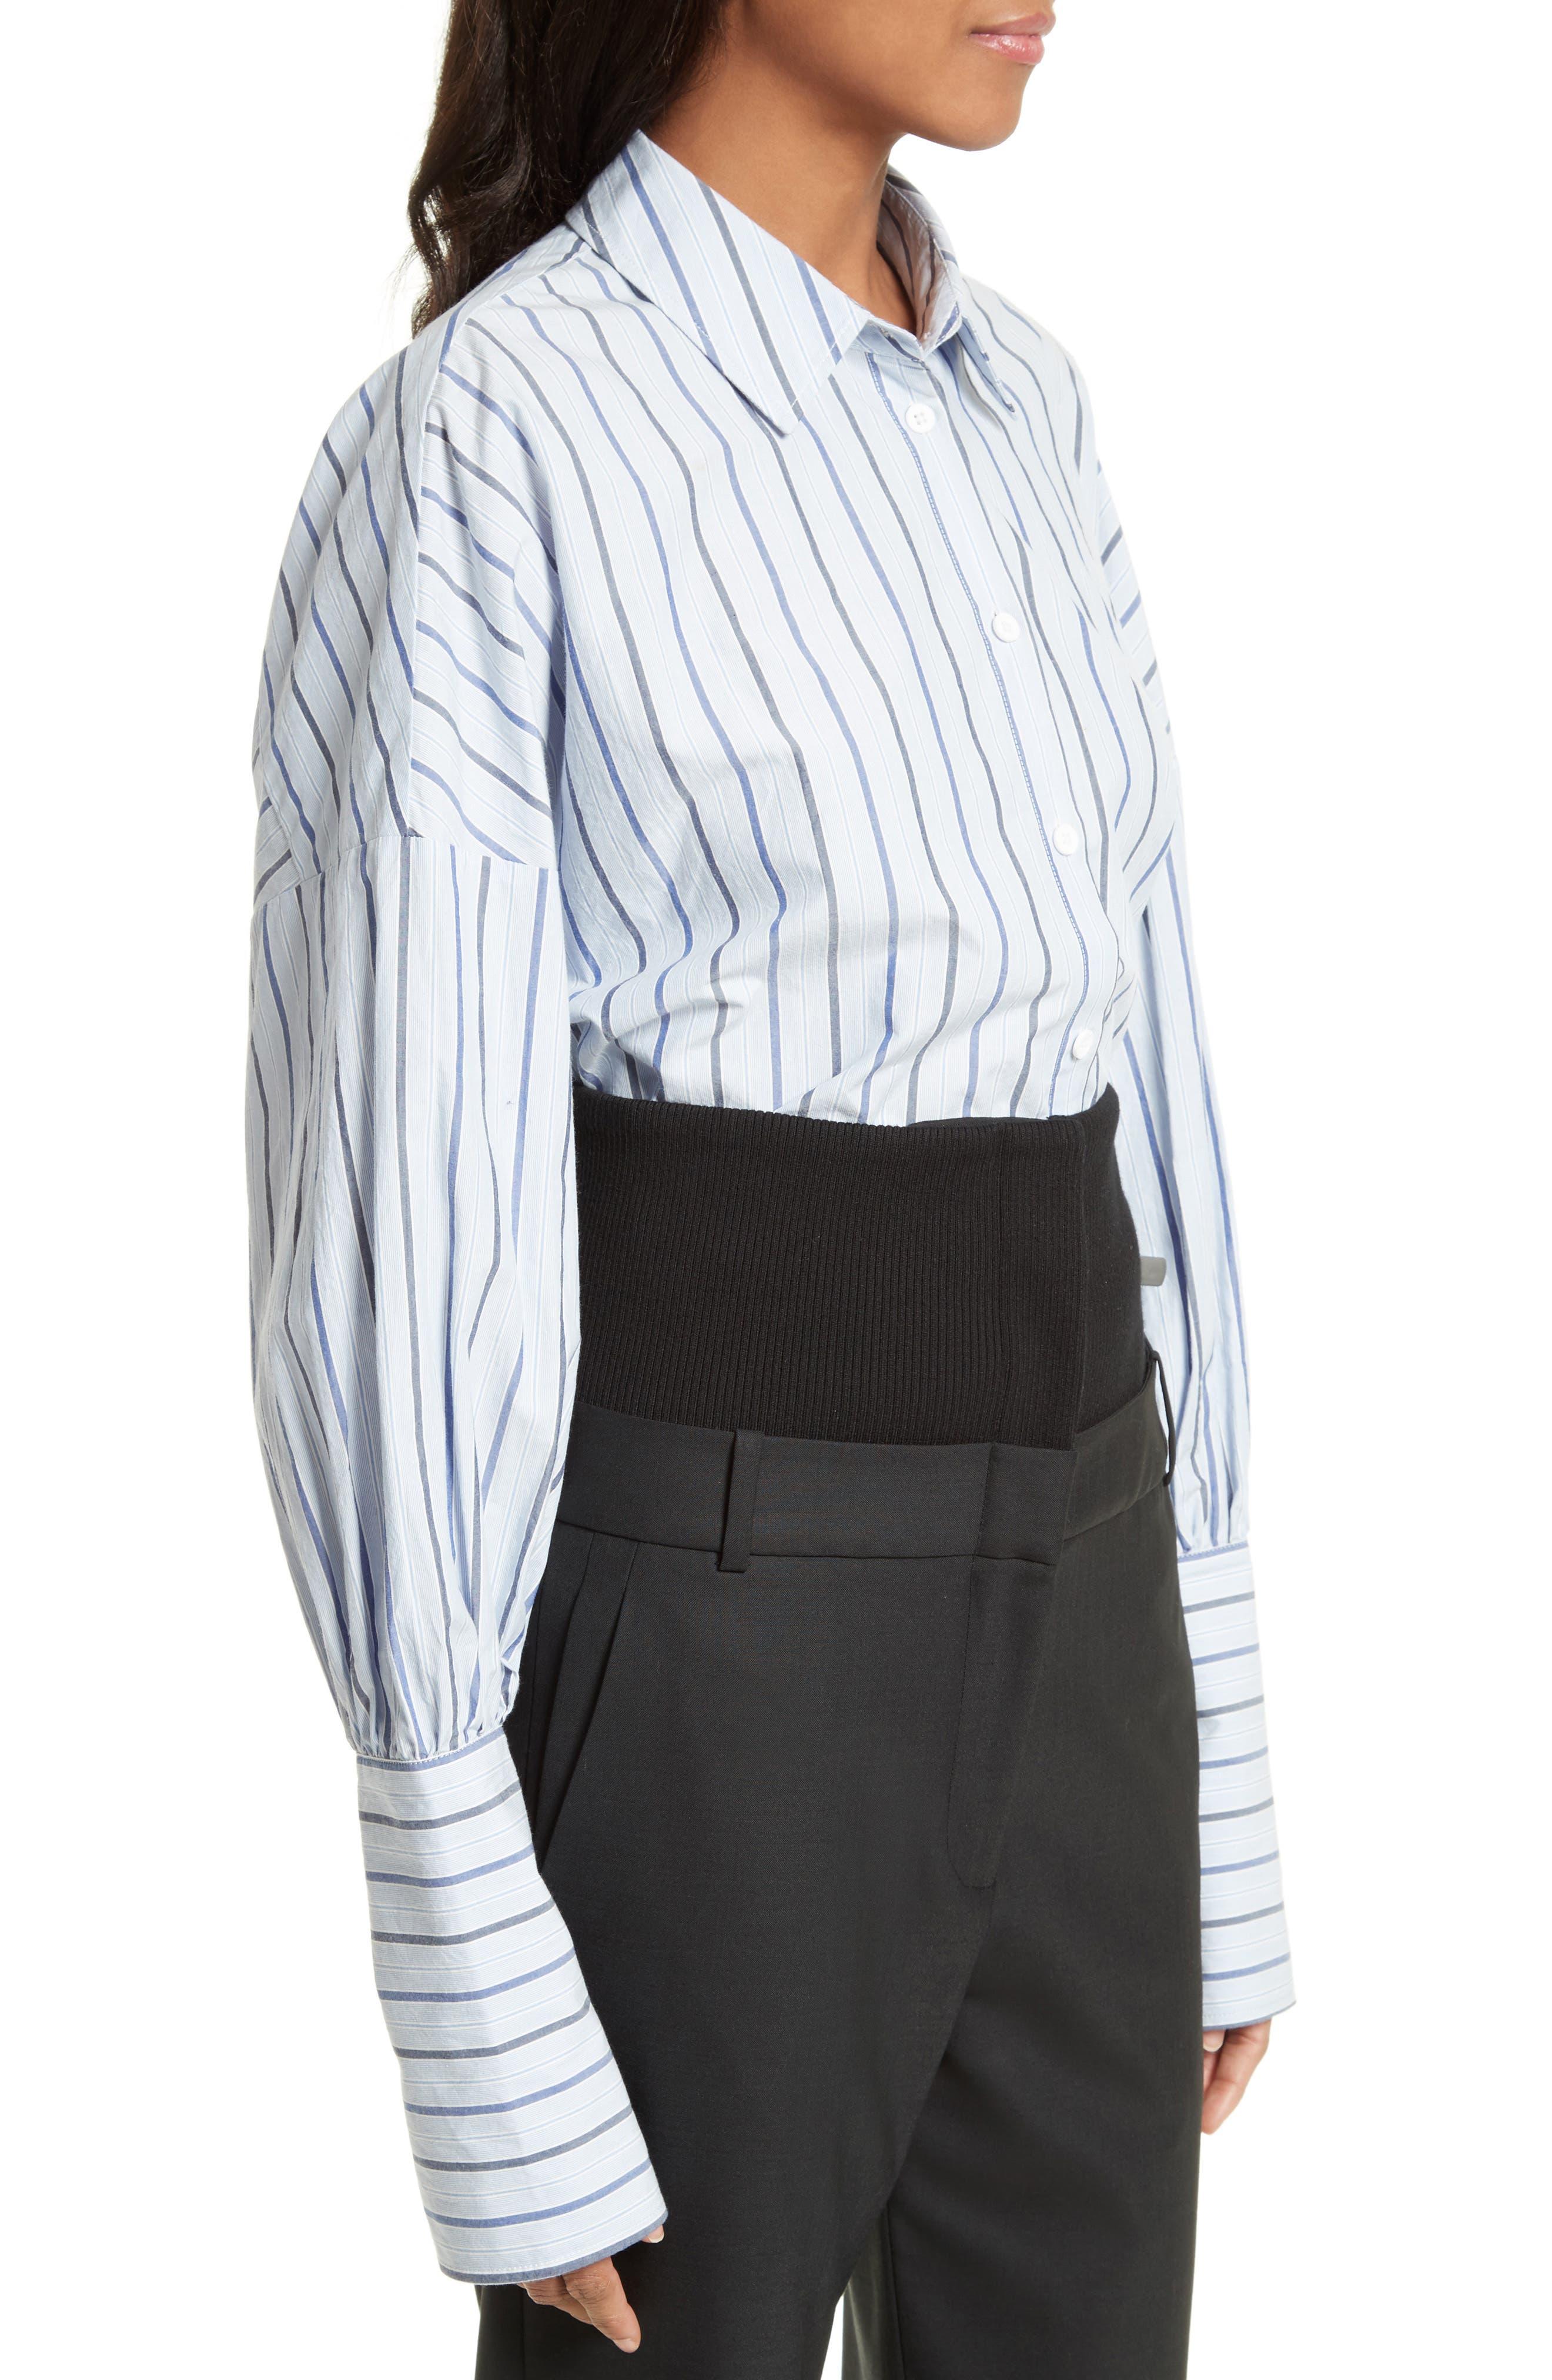 Garçon Stripe Easy Shirt,                             Alternate thumbnail 3, color,                             402